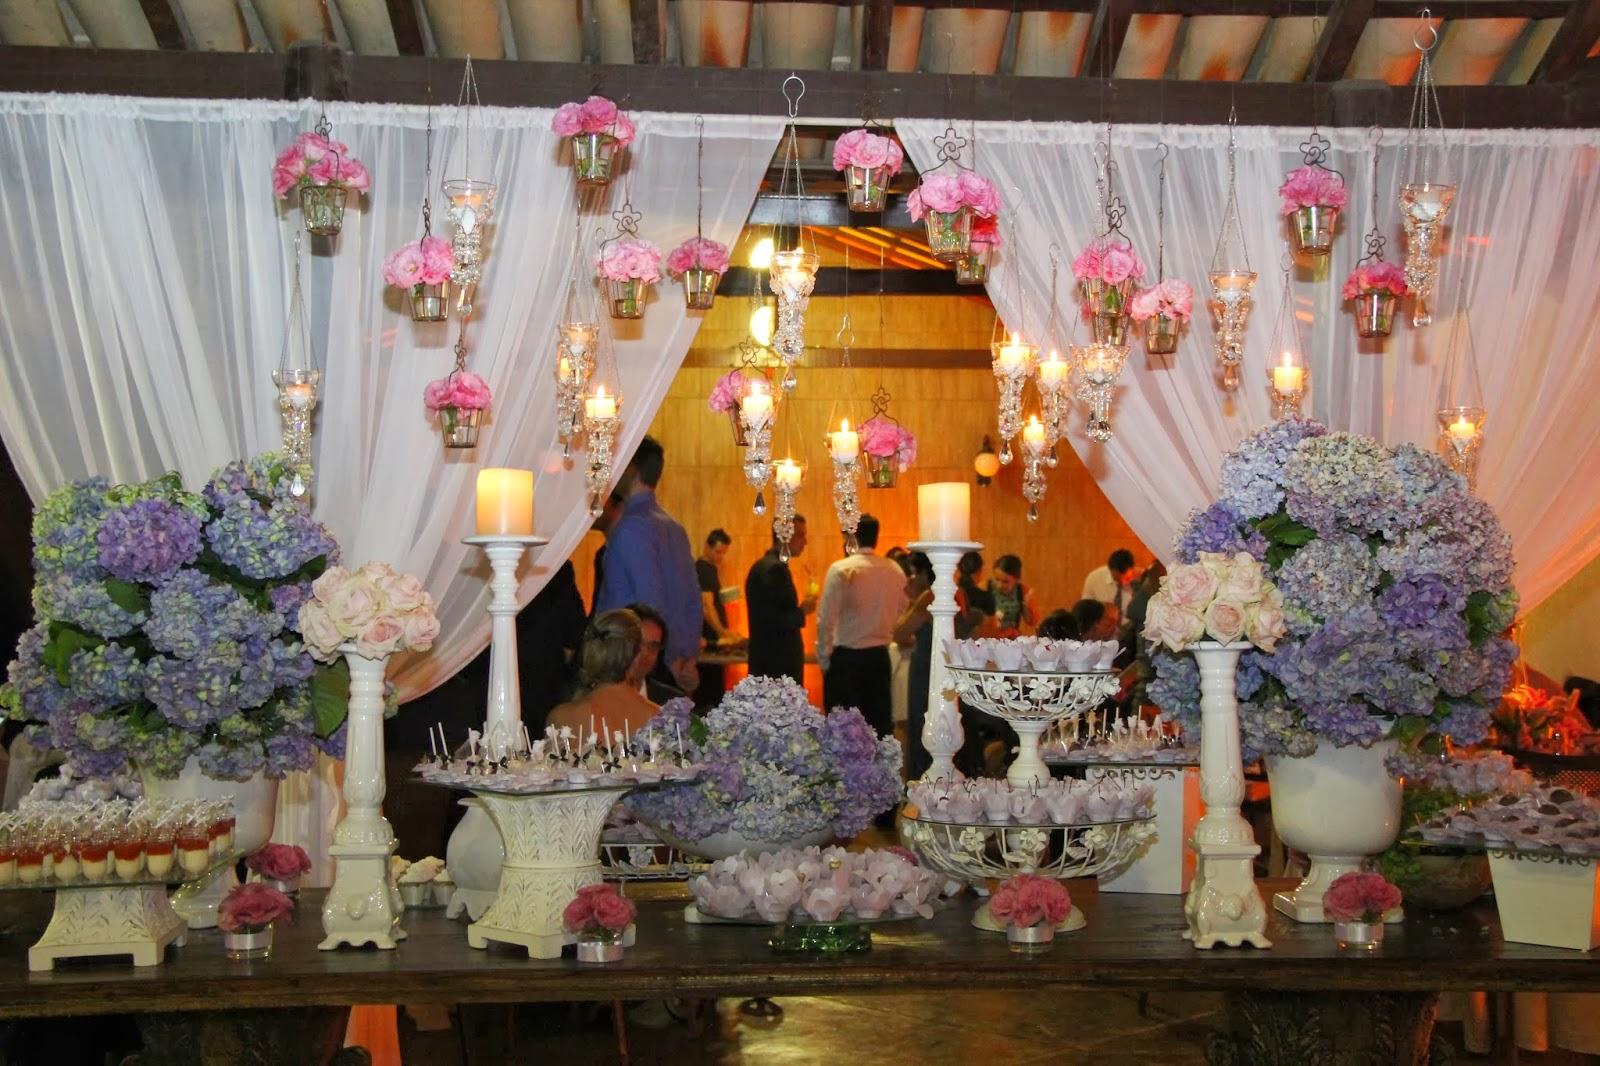 casamento-geek-decor-mesa-doces